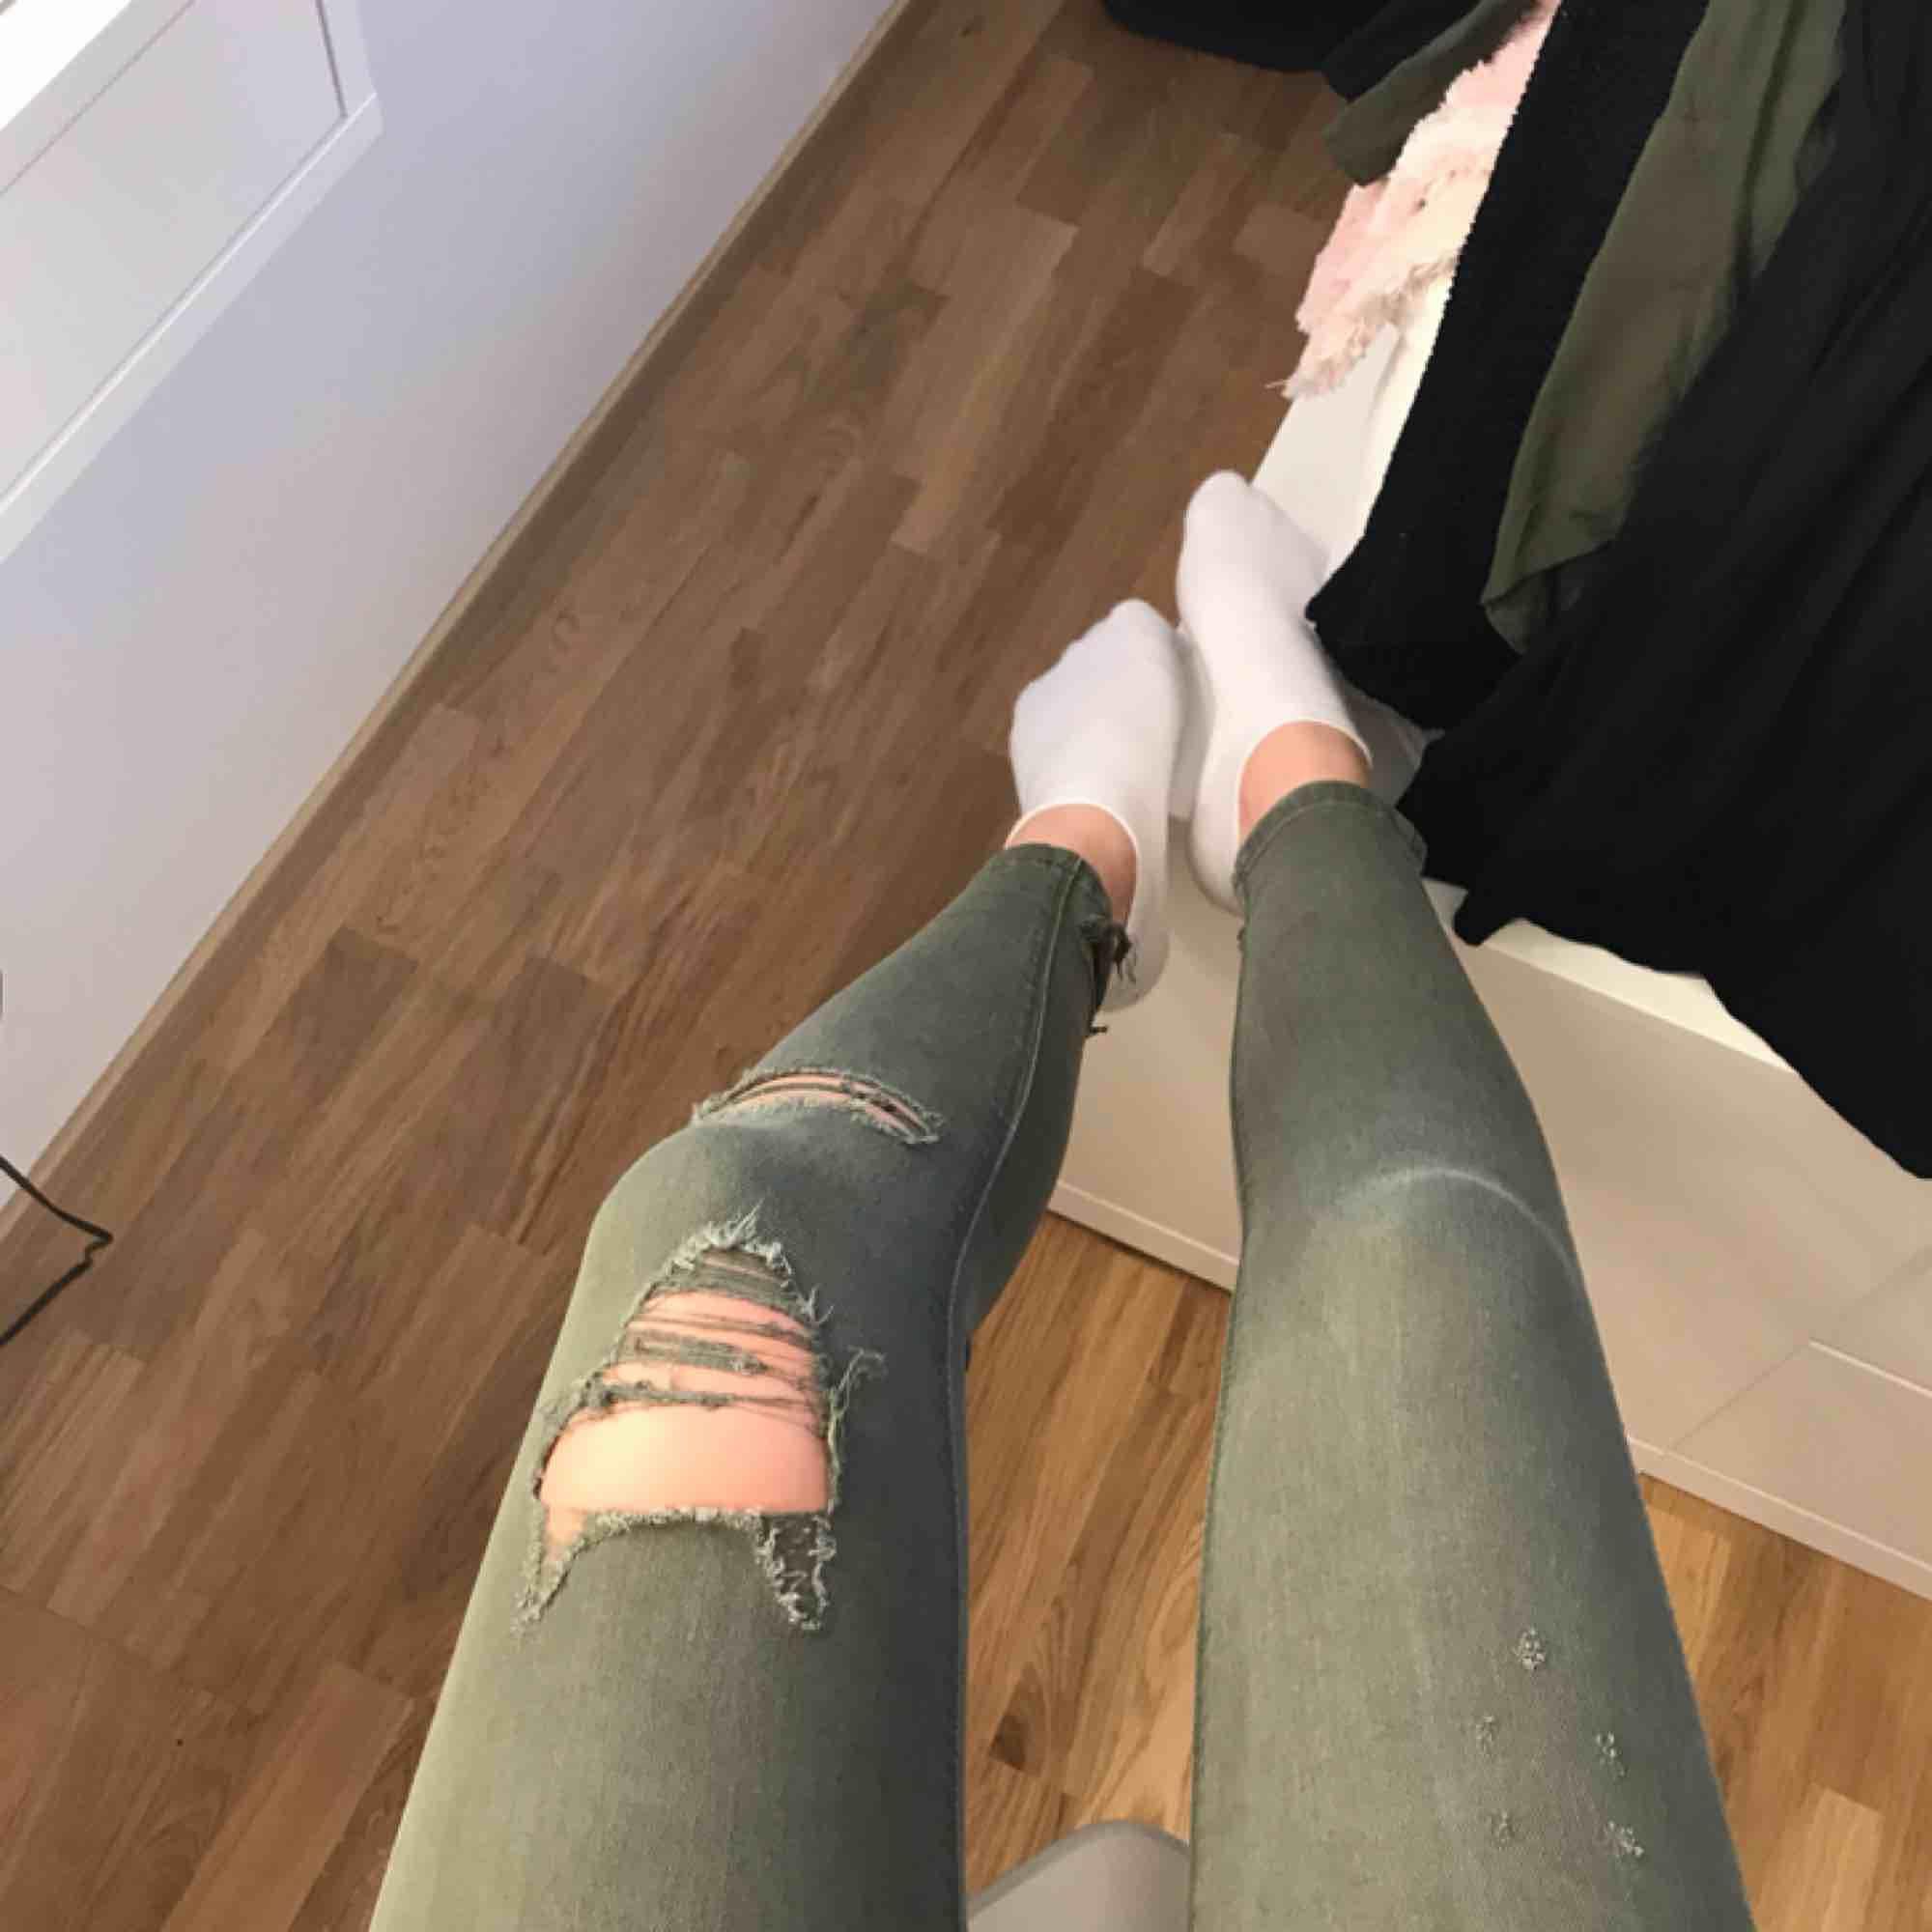 af495dad Grønne jeans med slidt ud. 70kr + forsendelse, betaling via swish ☺ .